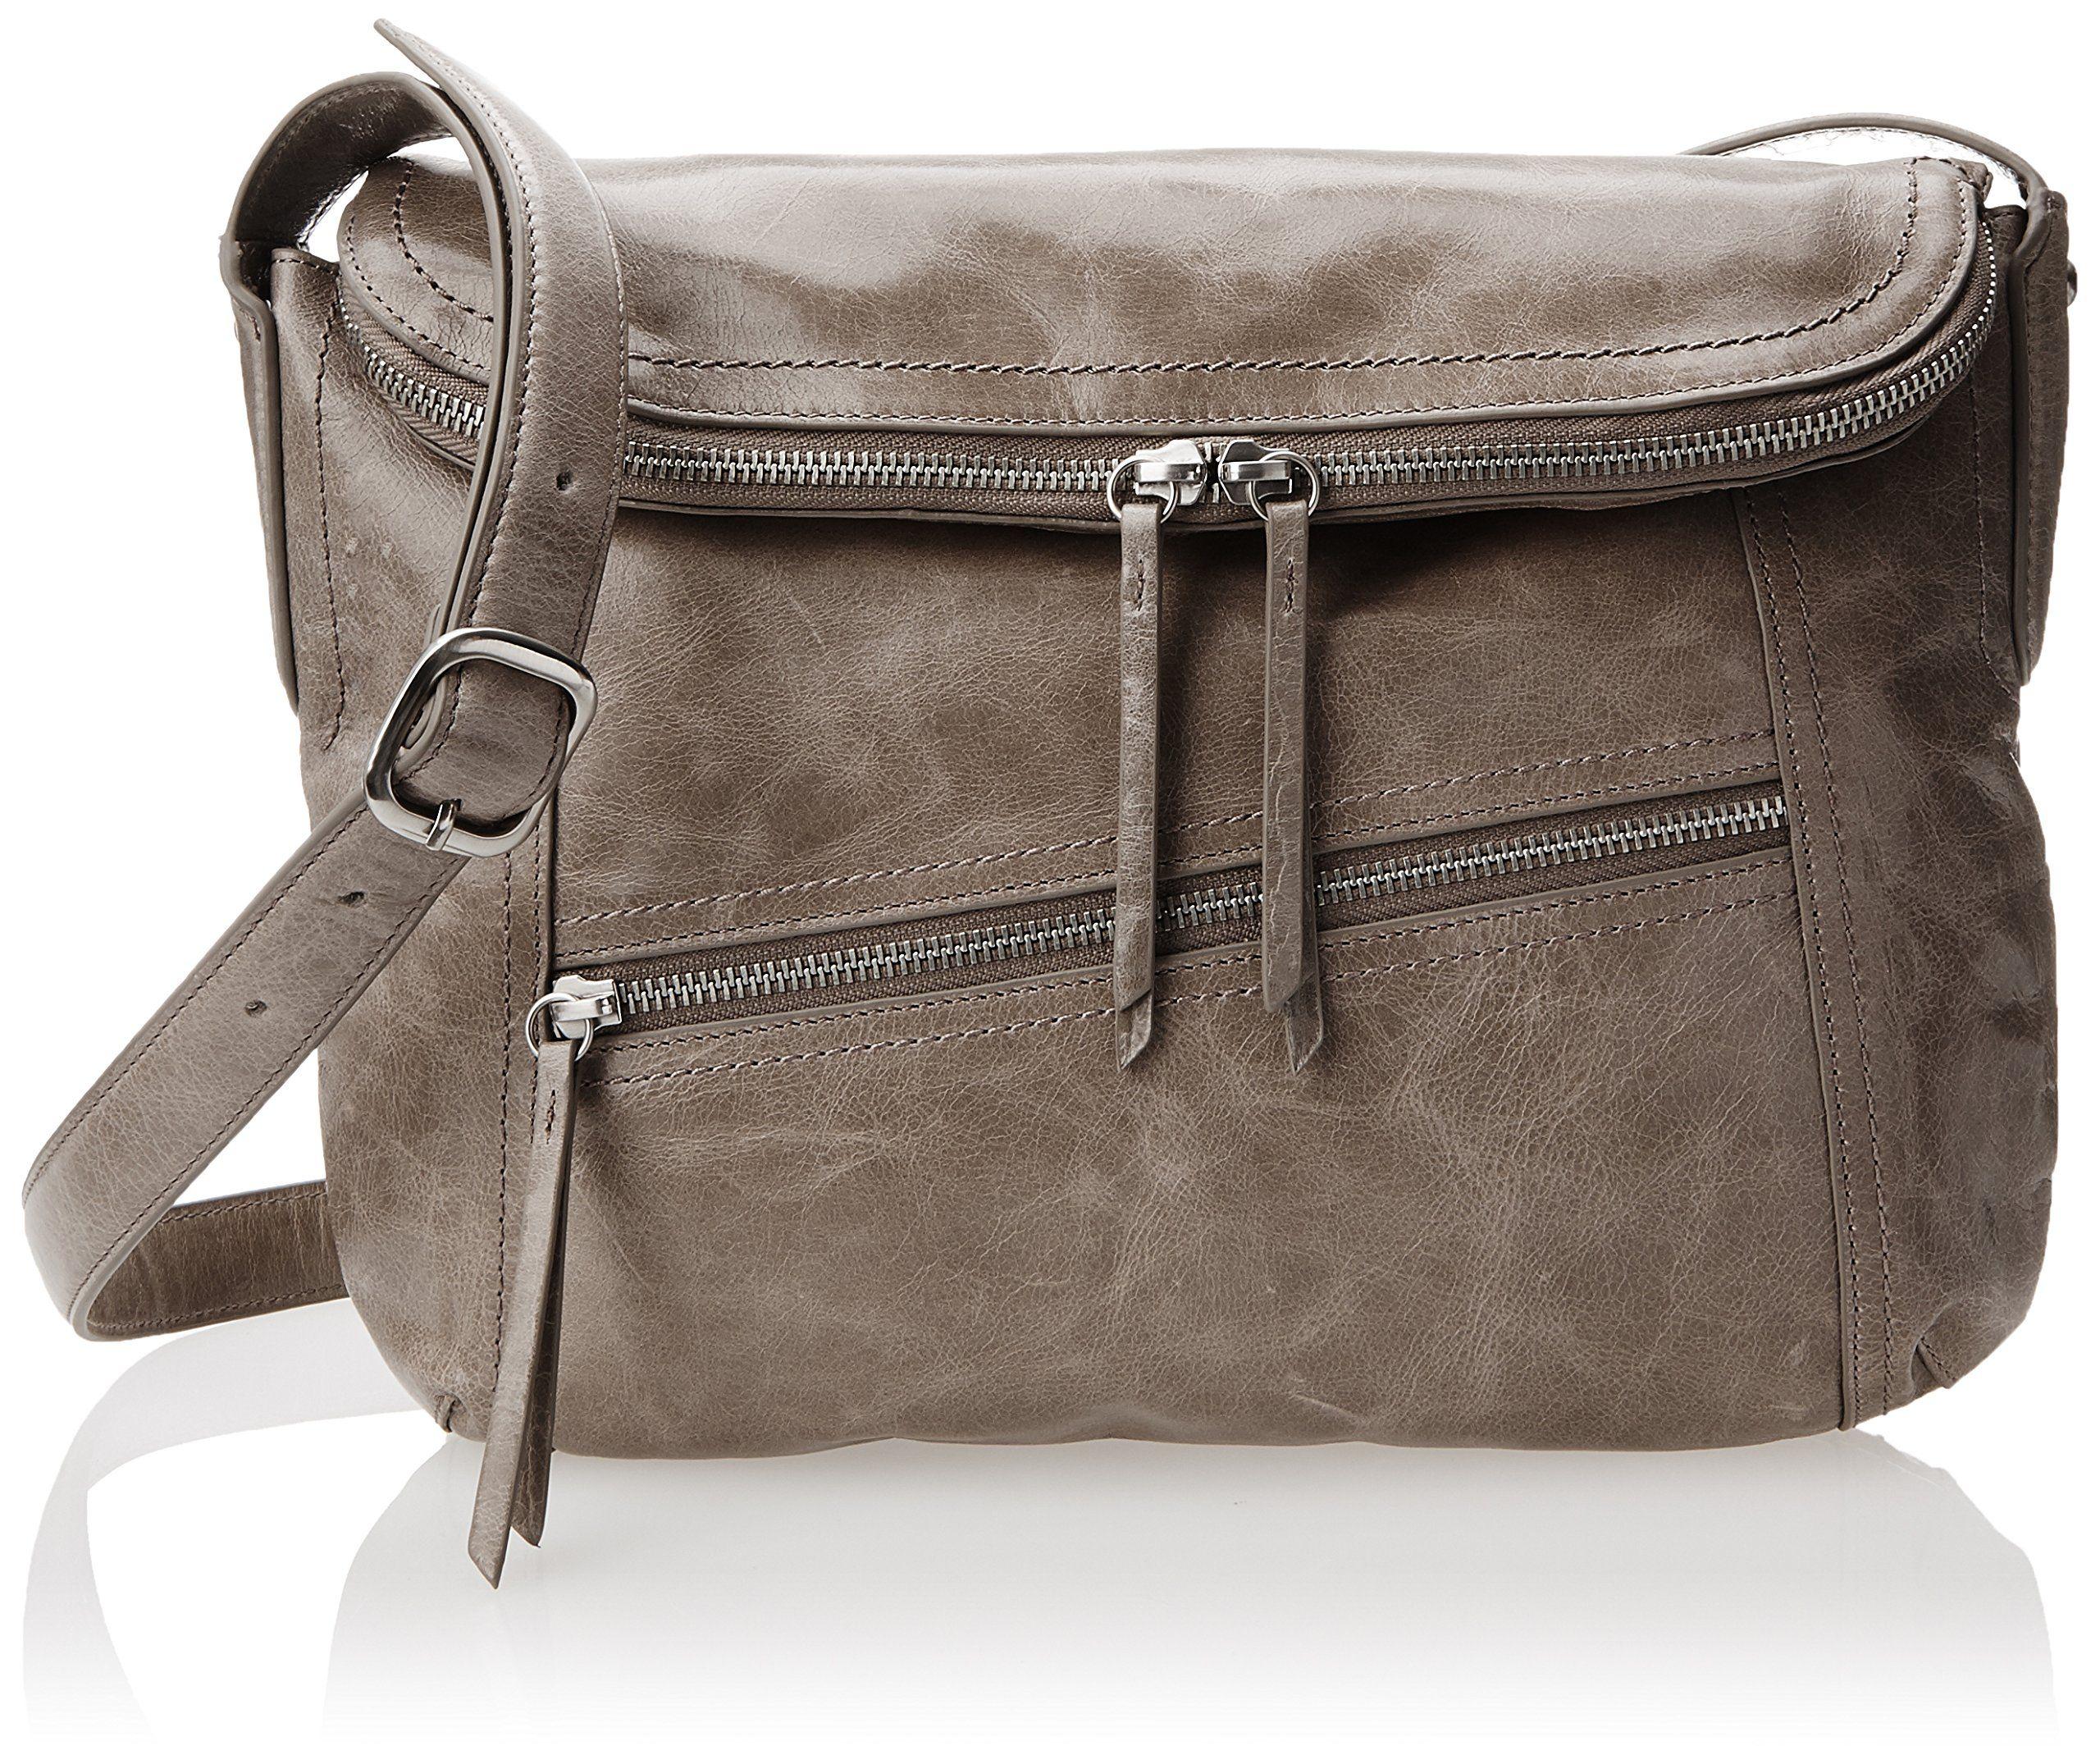 c3e868f86e4f HOBO Vintage Shane Cross-Body Handbag